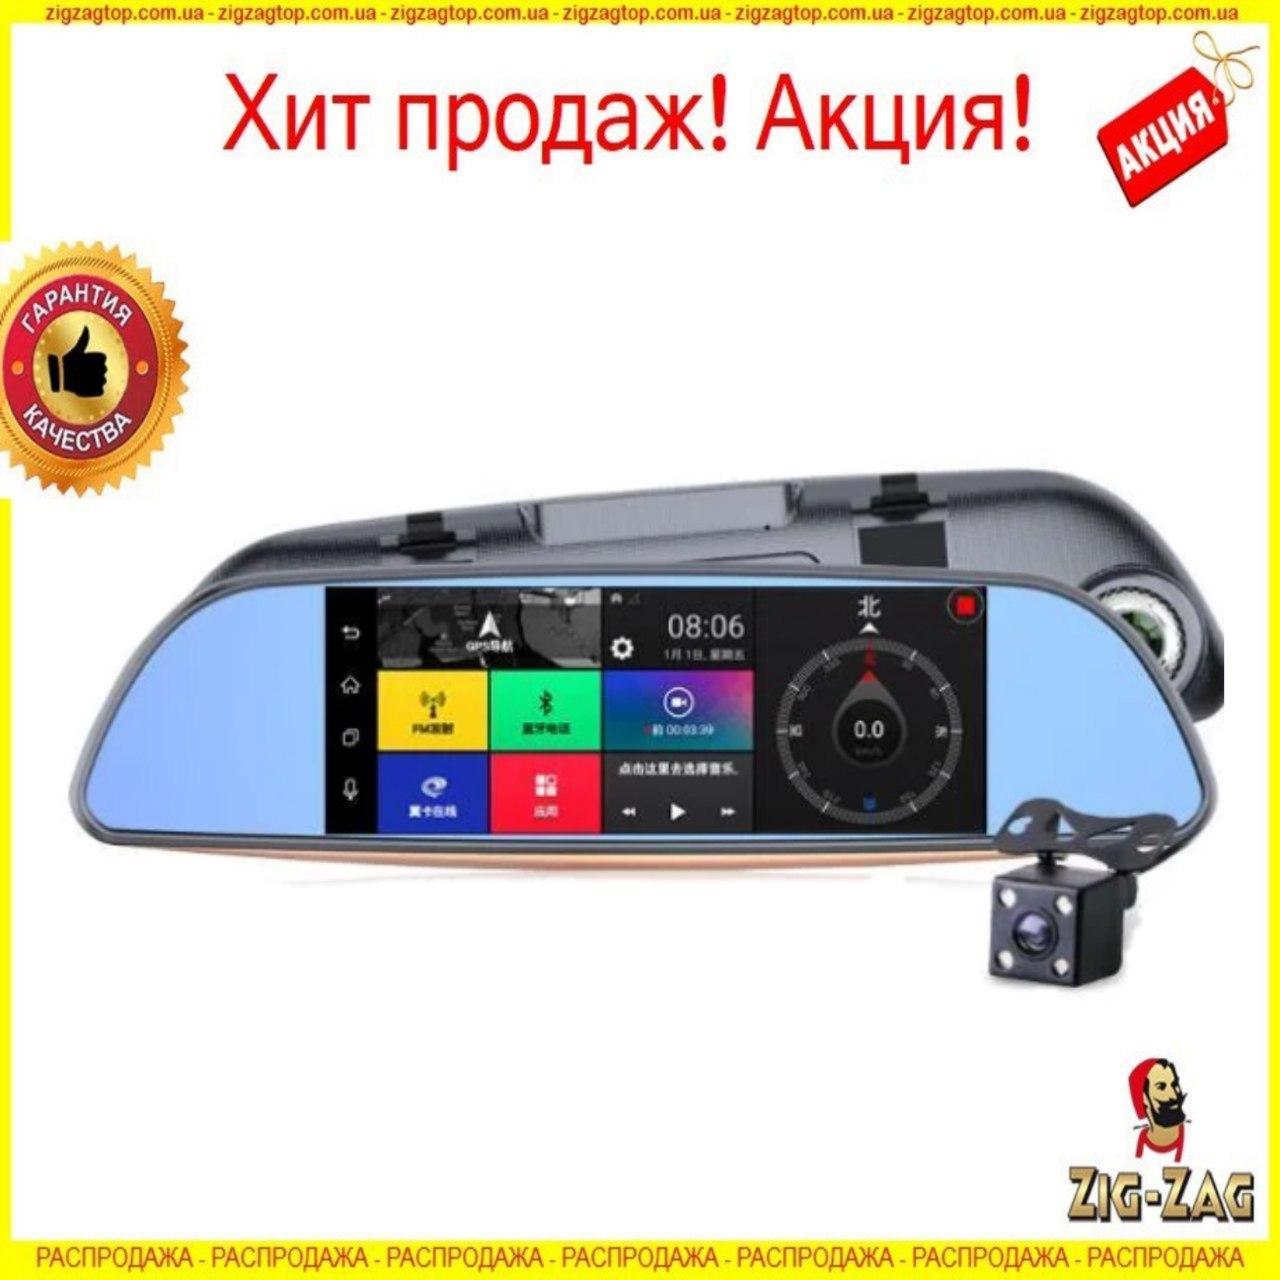 Автомобільний відеореєстратор Дзеркало DVR Full HD 1080 D35 в машину 3G/ GPS / WiFi / 8 ГБ / Сенсорним екраном